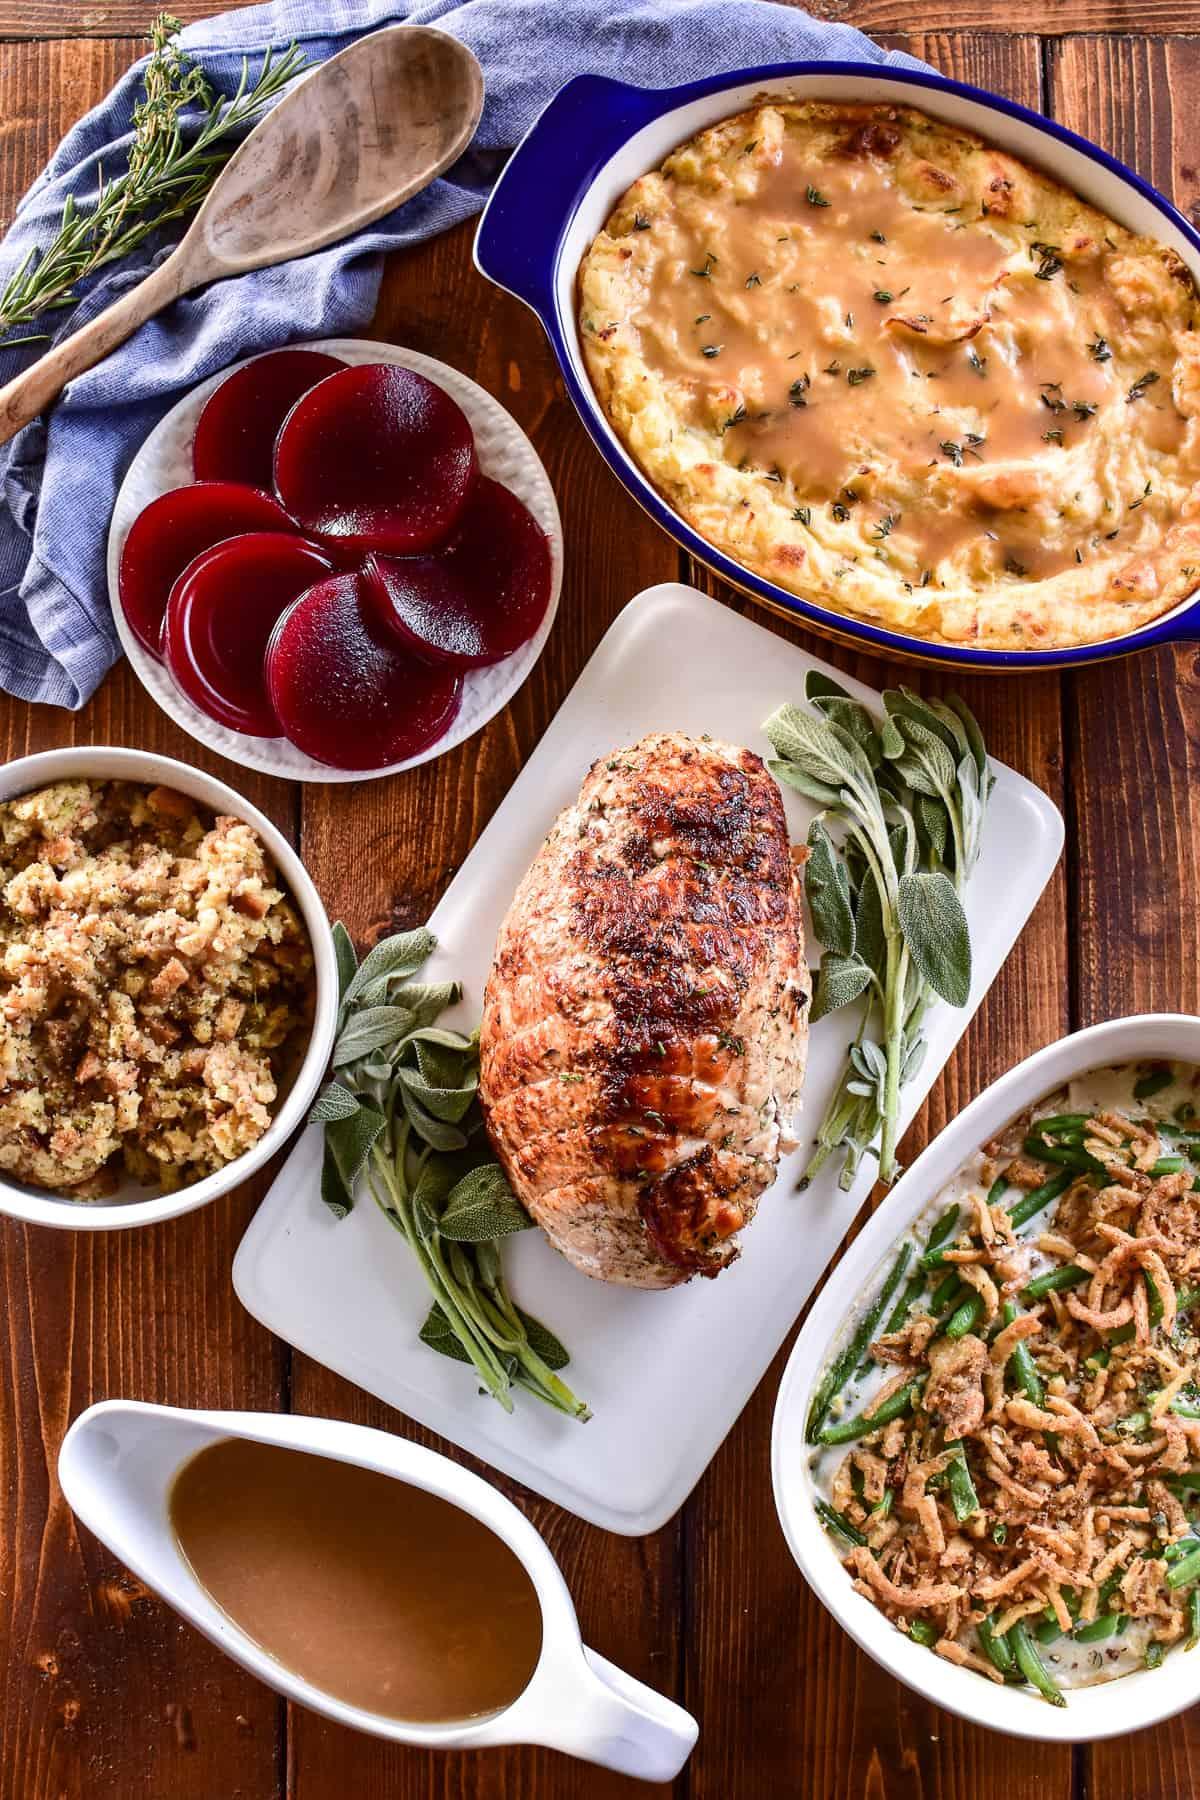 Full Thanksgiving dinner for a family of 5